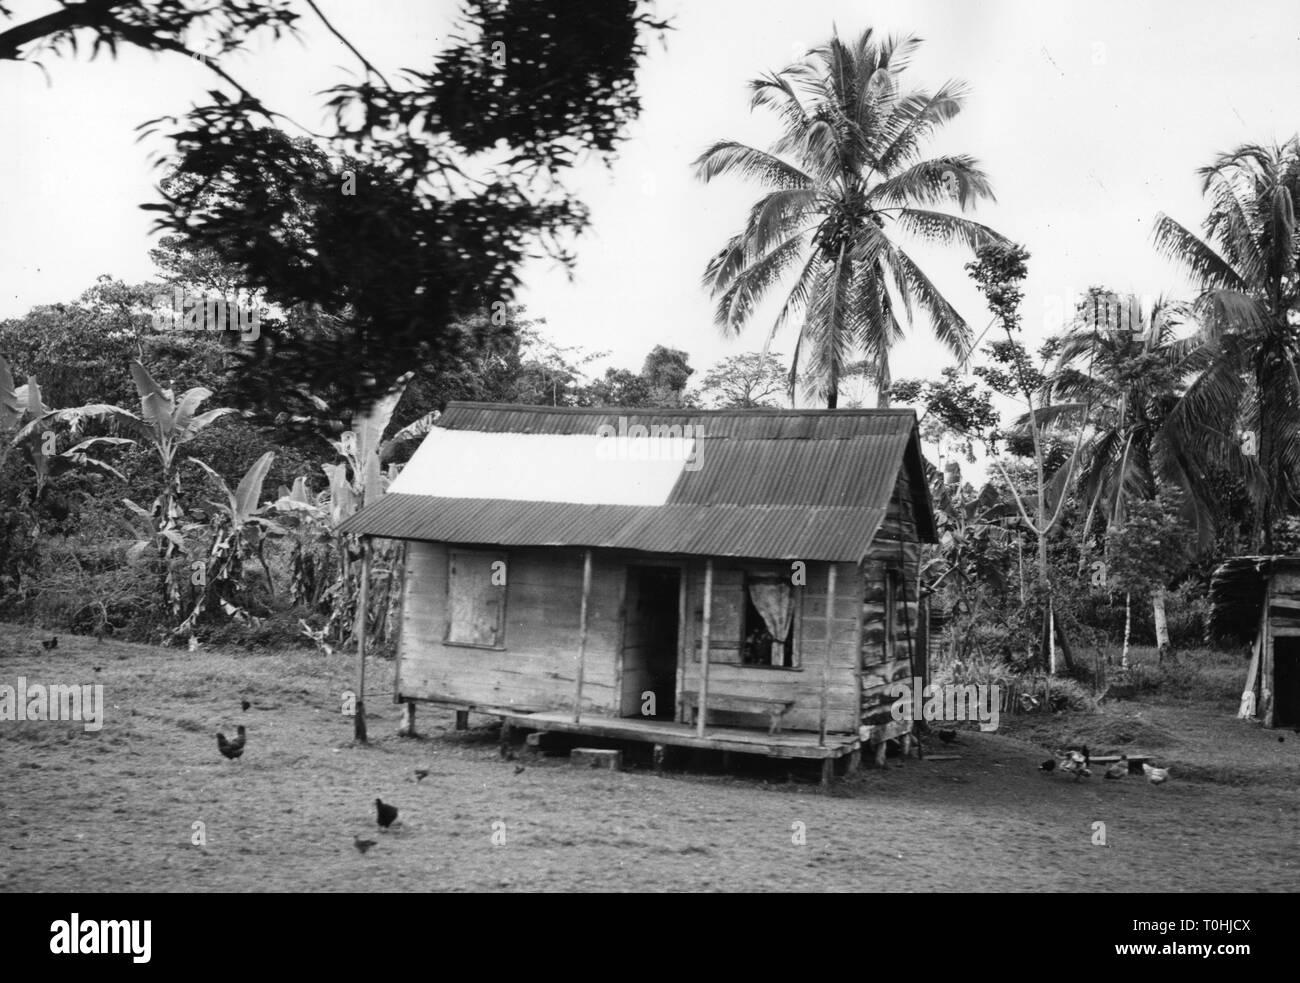 Geographie/Reisen, Costa Rica, Landwirtschaft, Bananenplantagen, Hütte, 1950er Jahre, Additional-Rights - Clearance-Info - Not-Available Stockbild